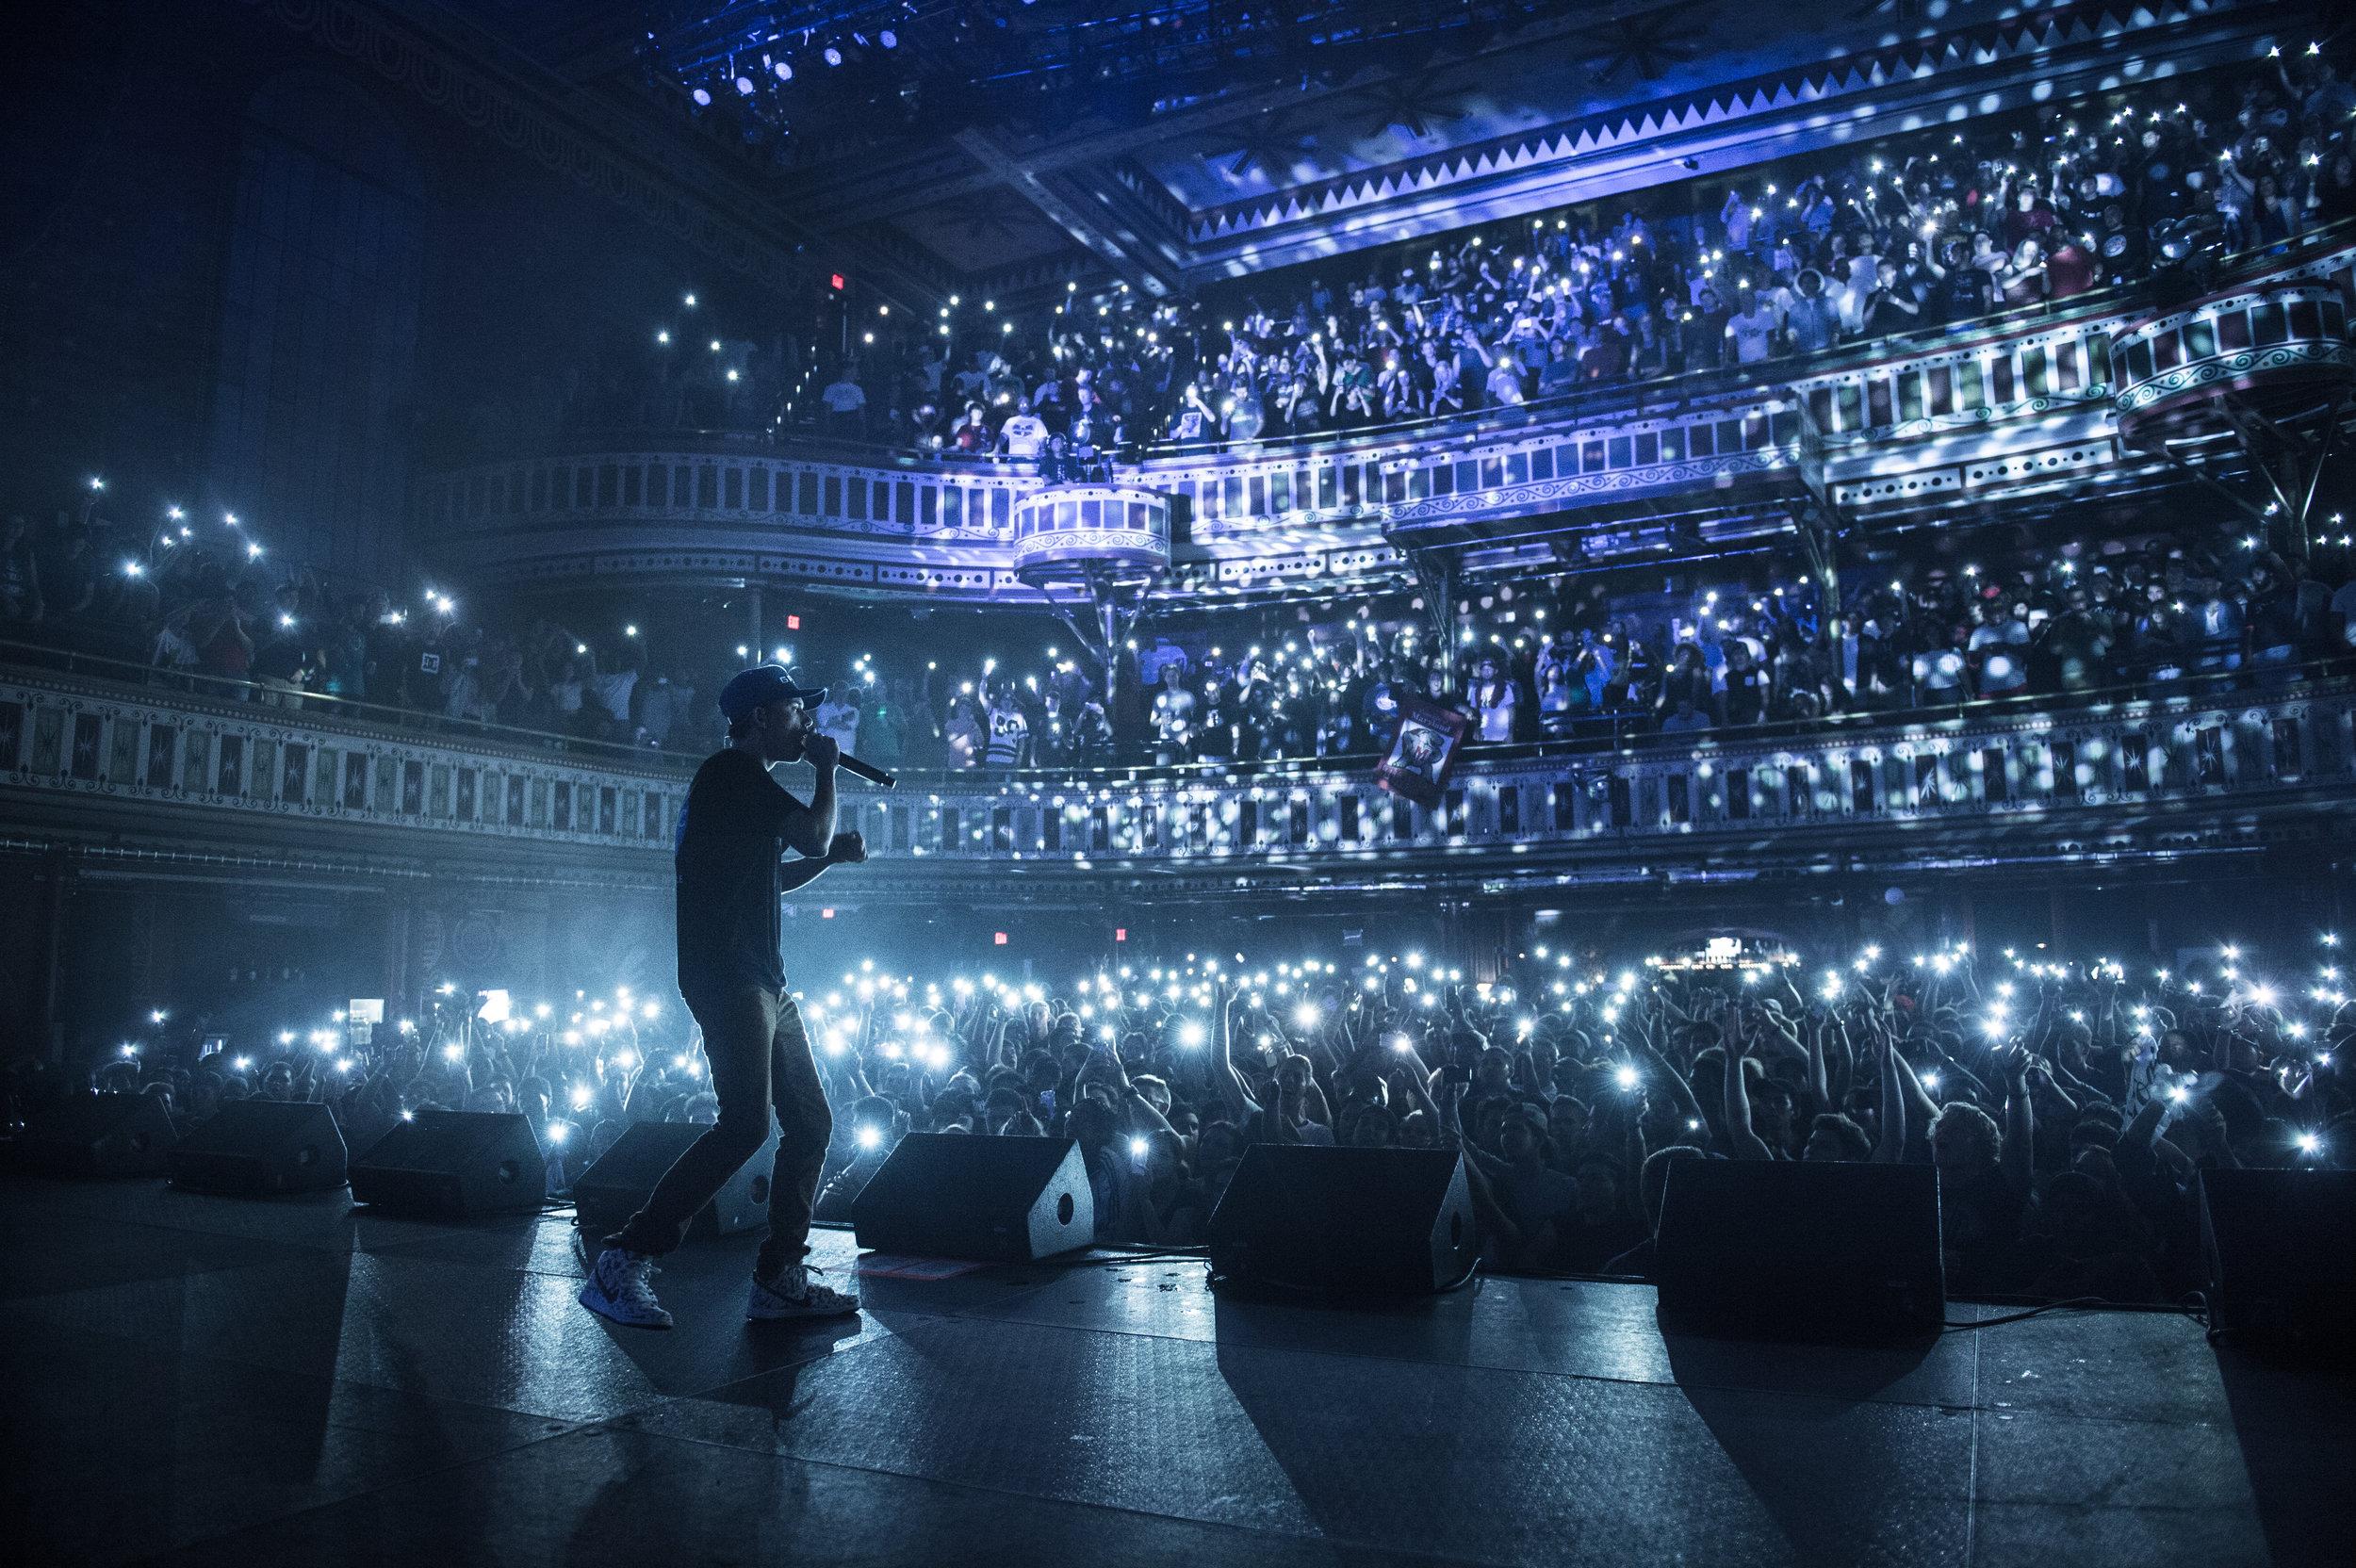 Logic performing at The Tabernacle in Atlanta, GA